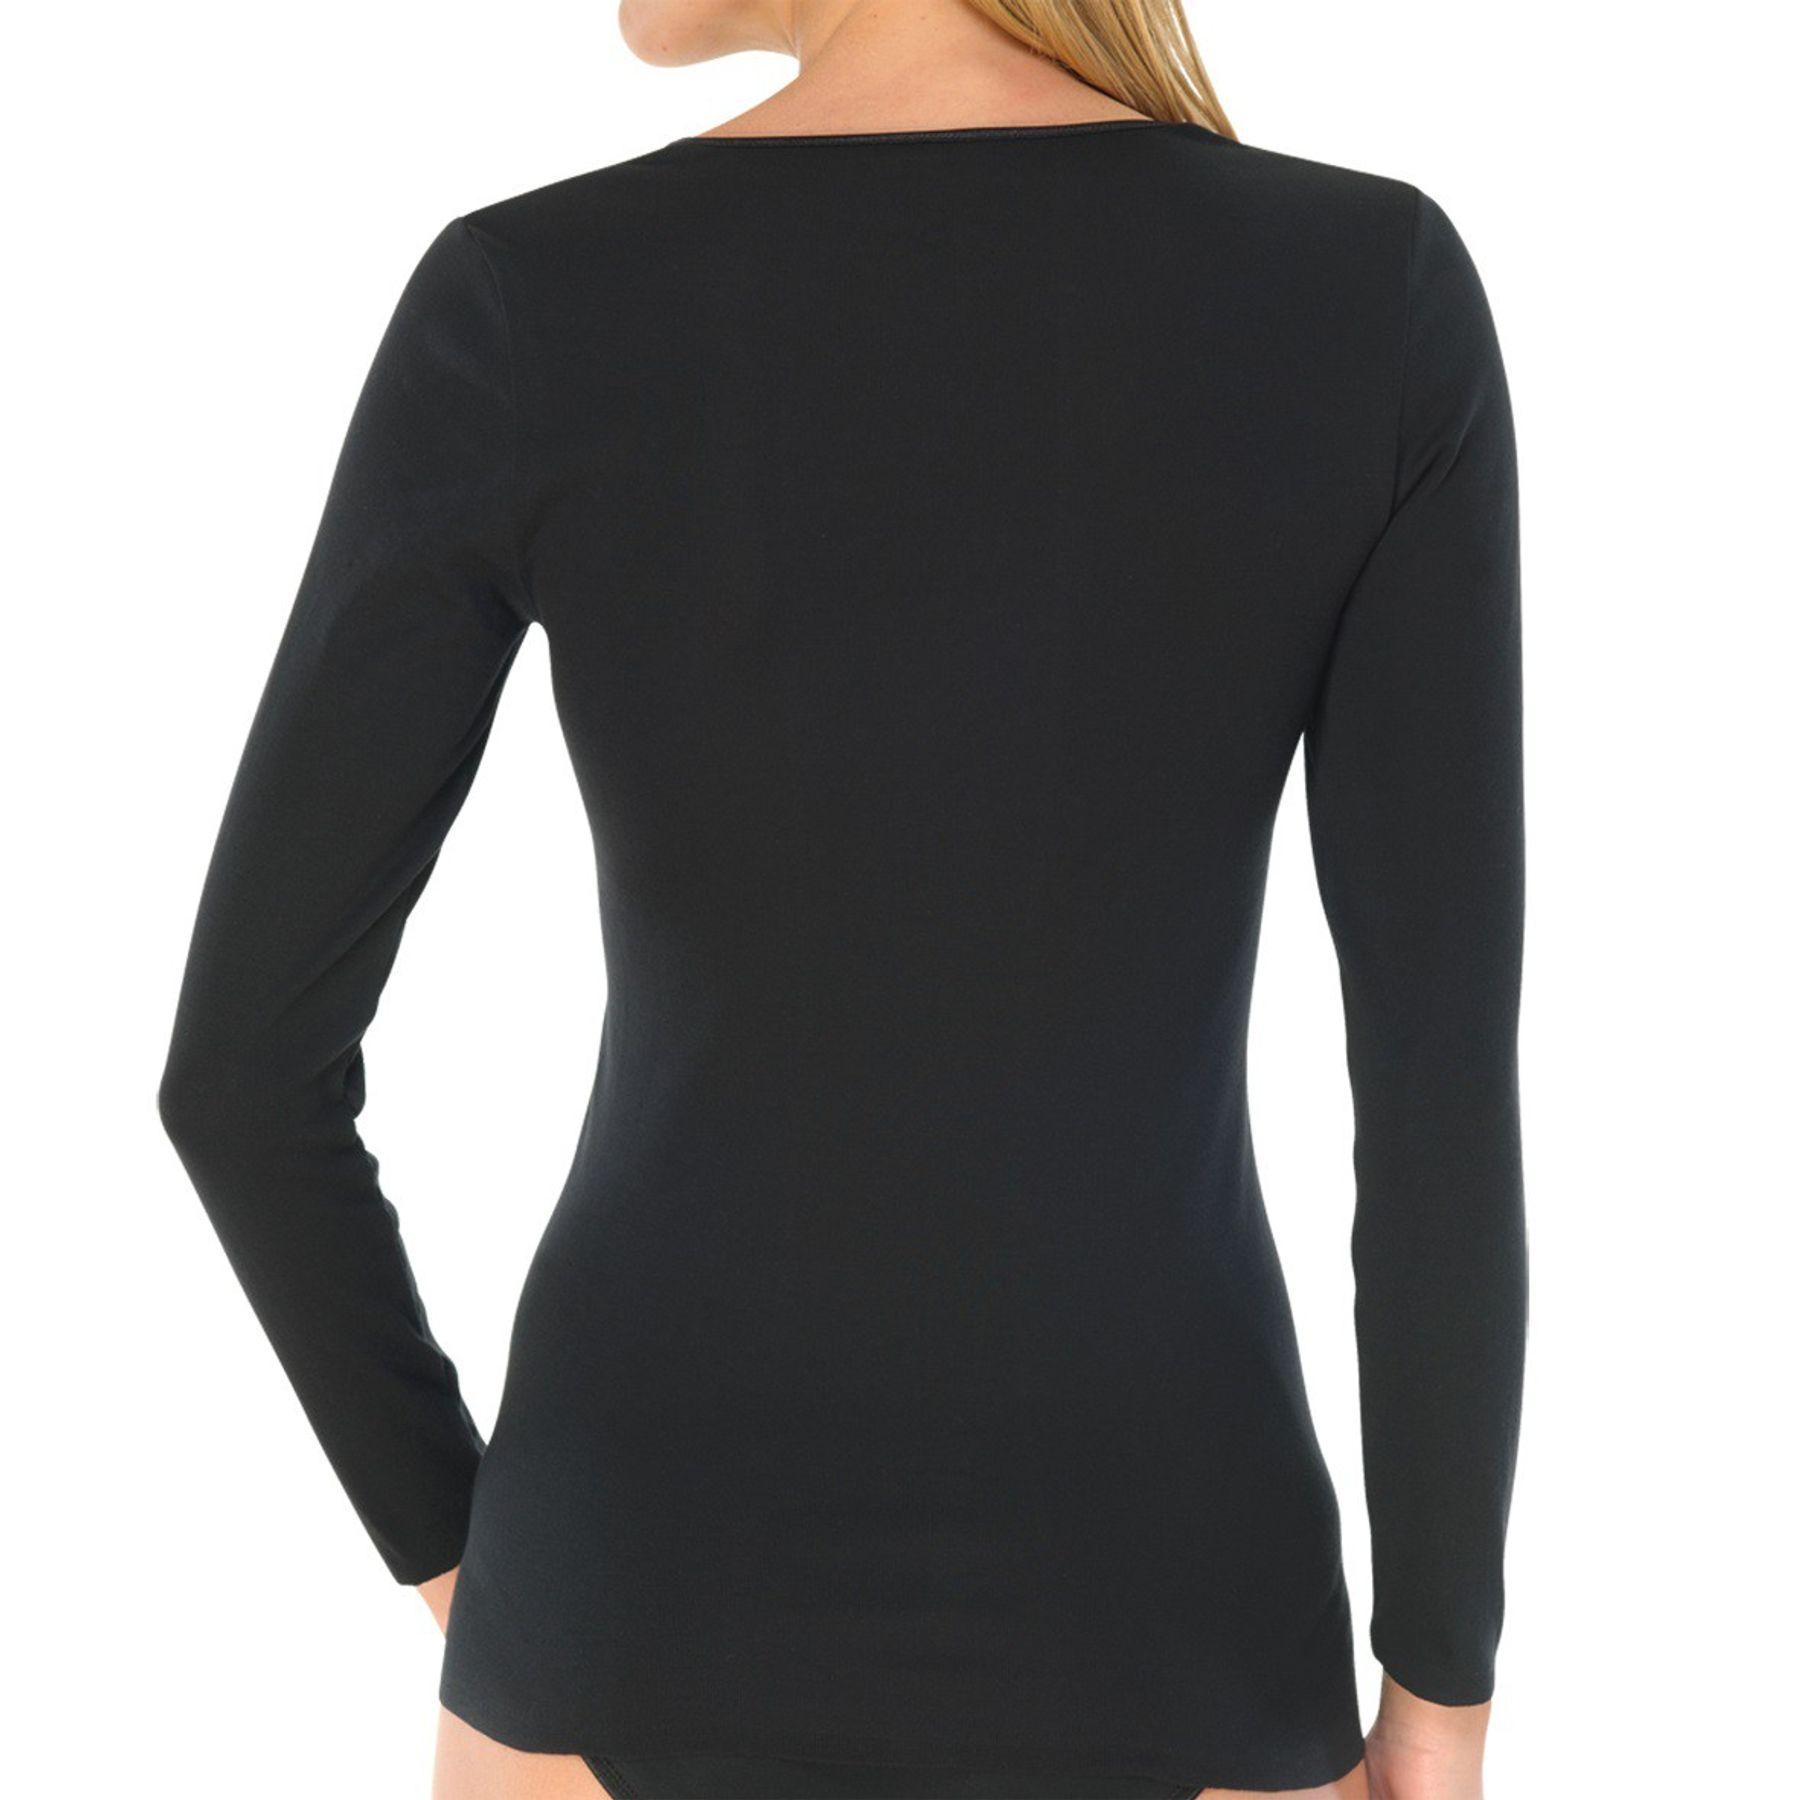 Schiesser - Damen Shirt langarm Feinripp rundhals Spenzer - Luxury (200765)  – Bild 2